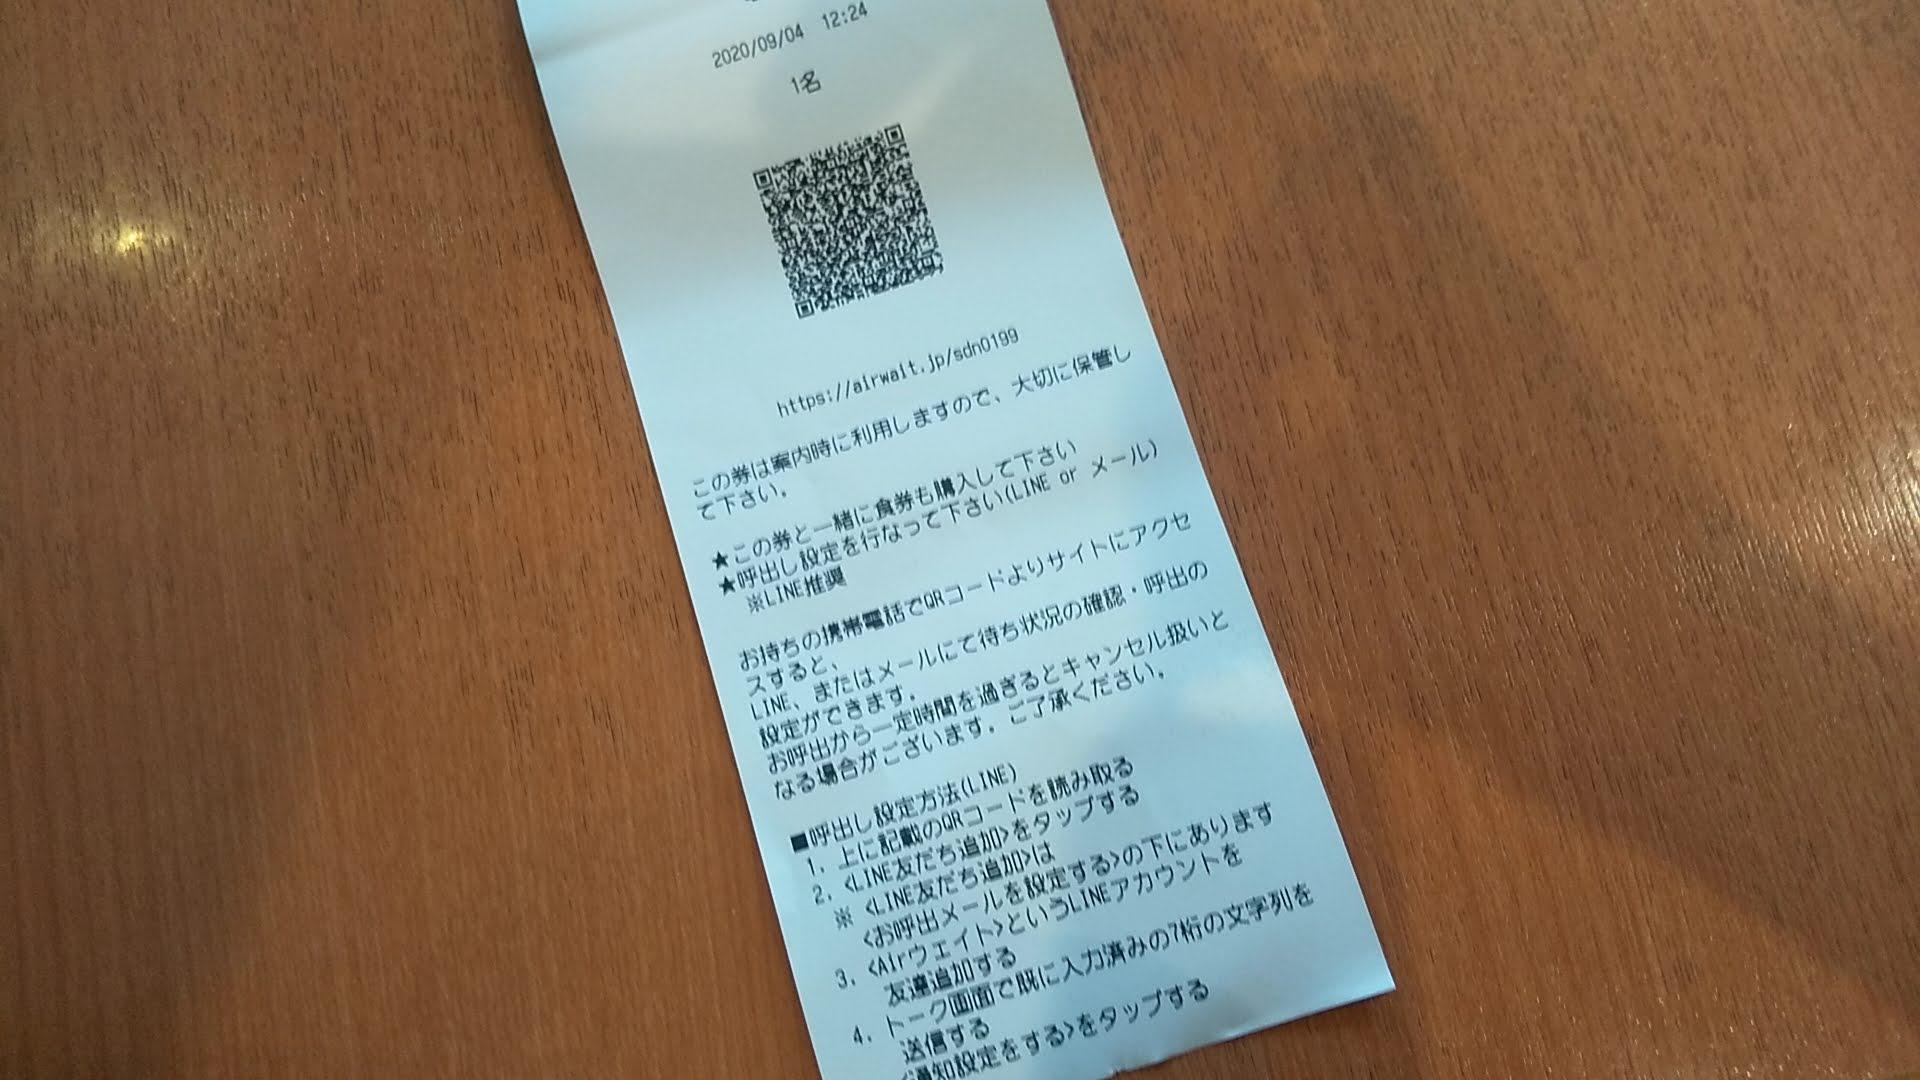 多賀野の整理券の写真